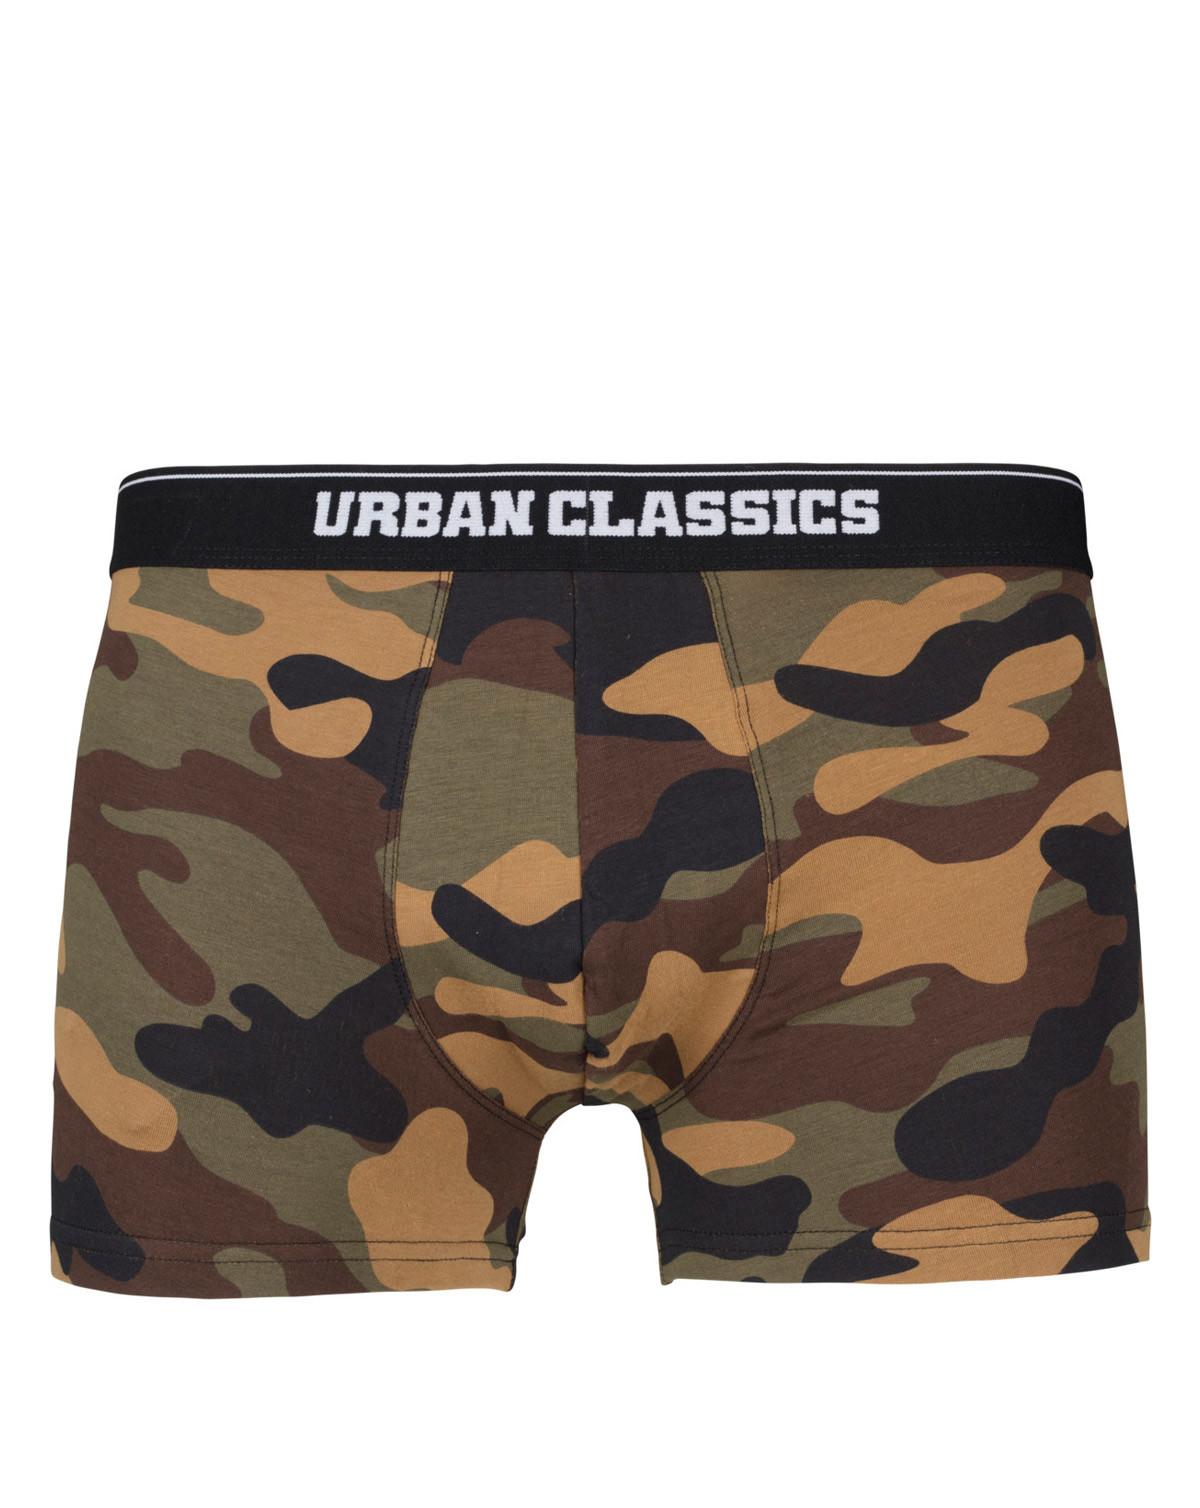 Image of   Urban Classics Camouflage Boxer Shorts - 2-Pak (Woodland, 2XL)